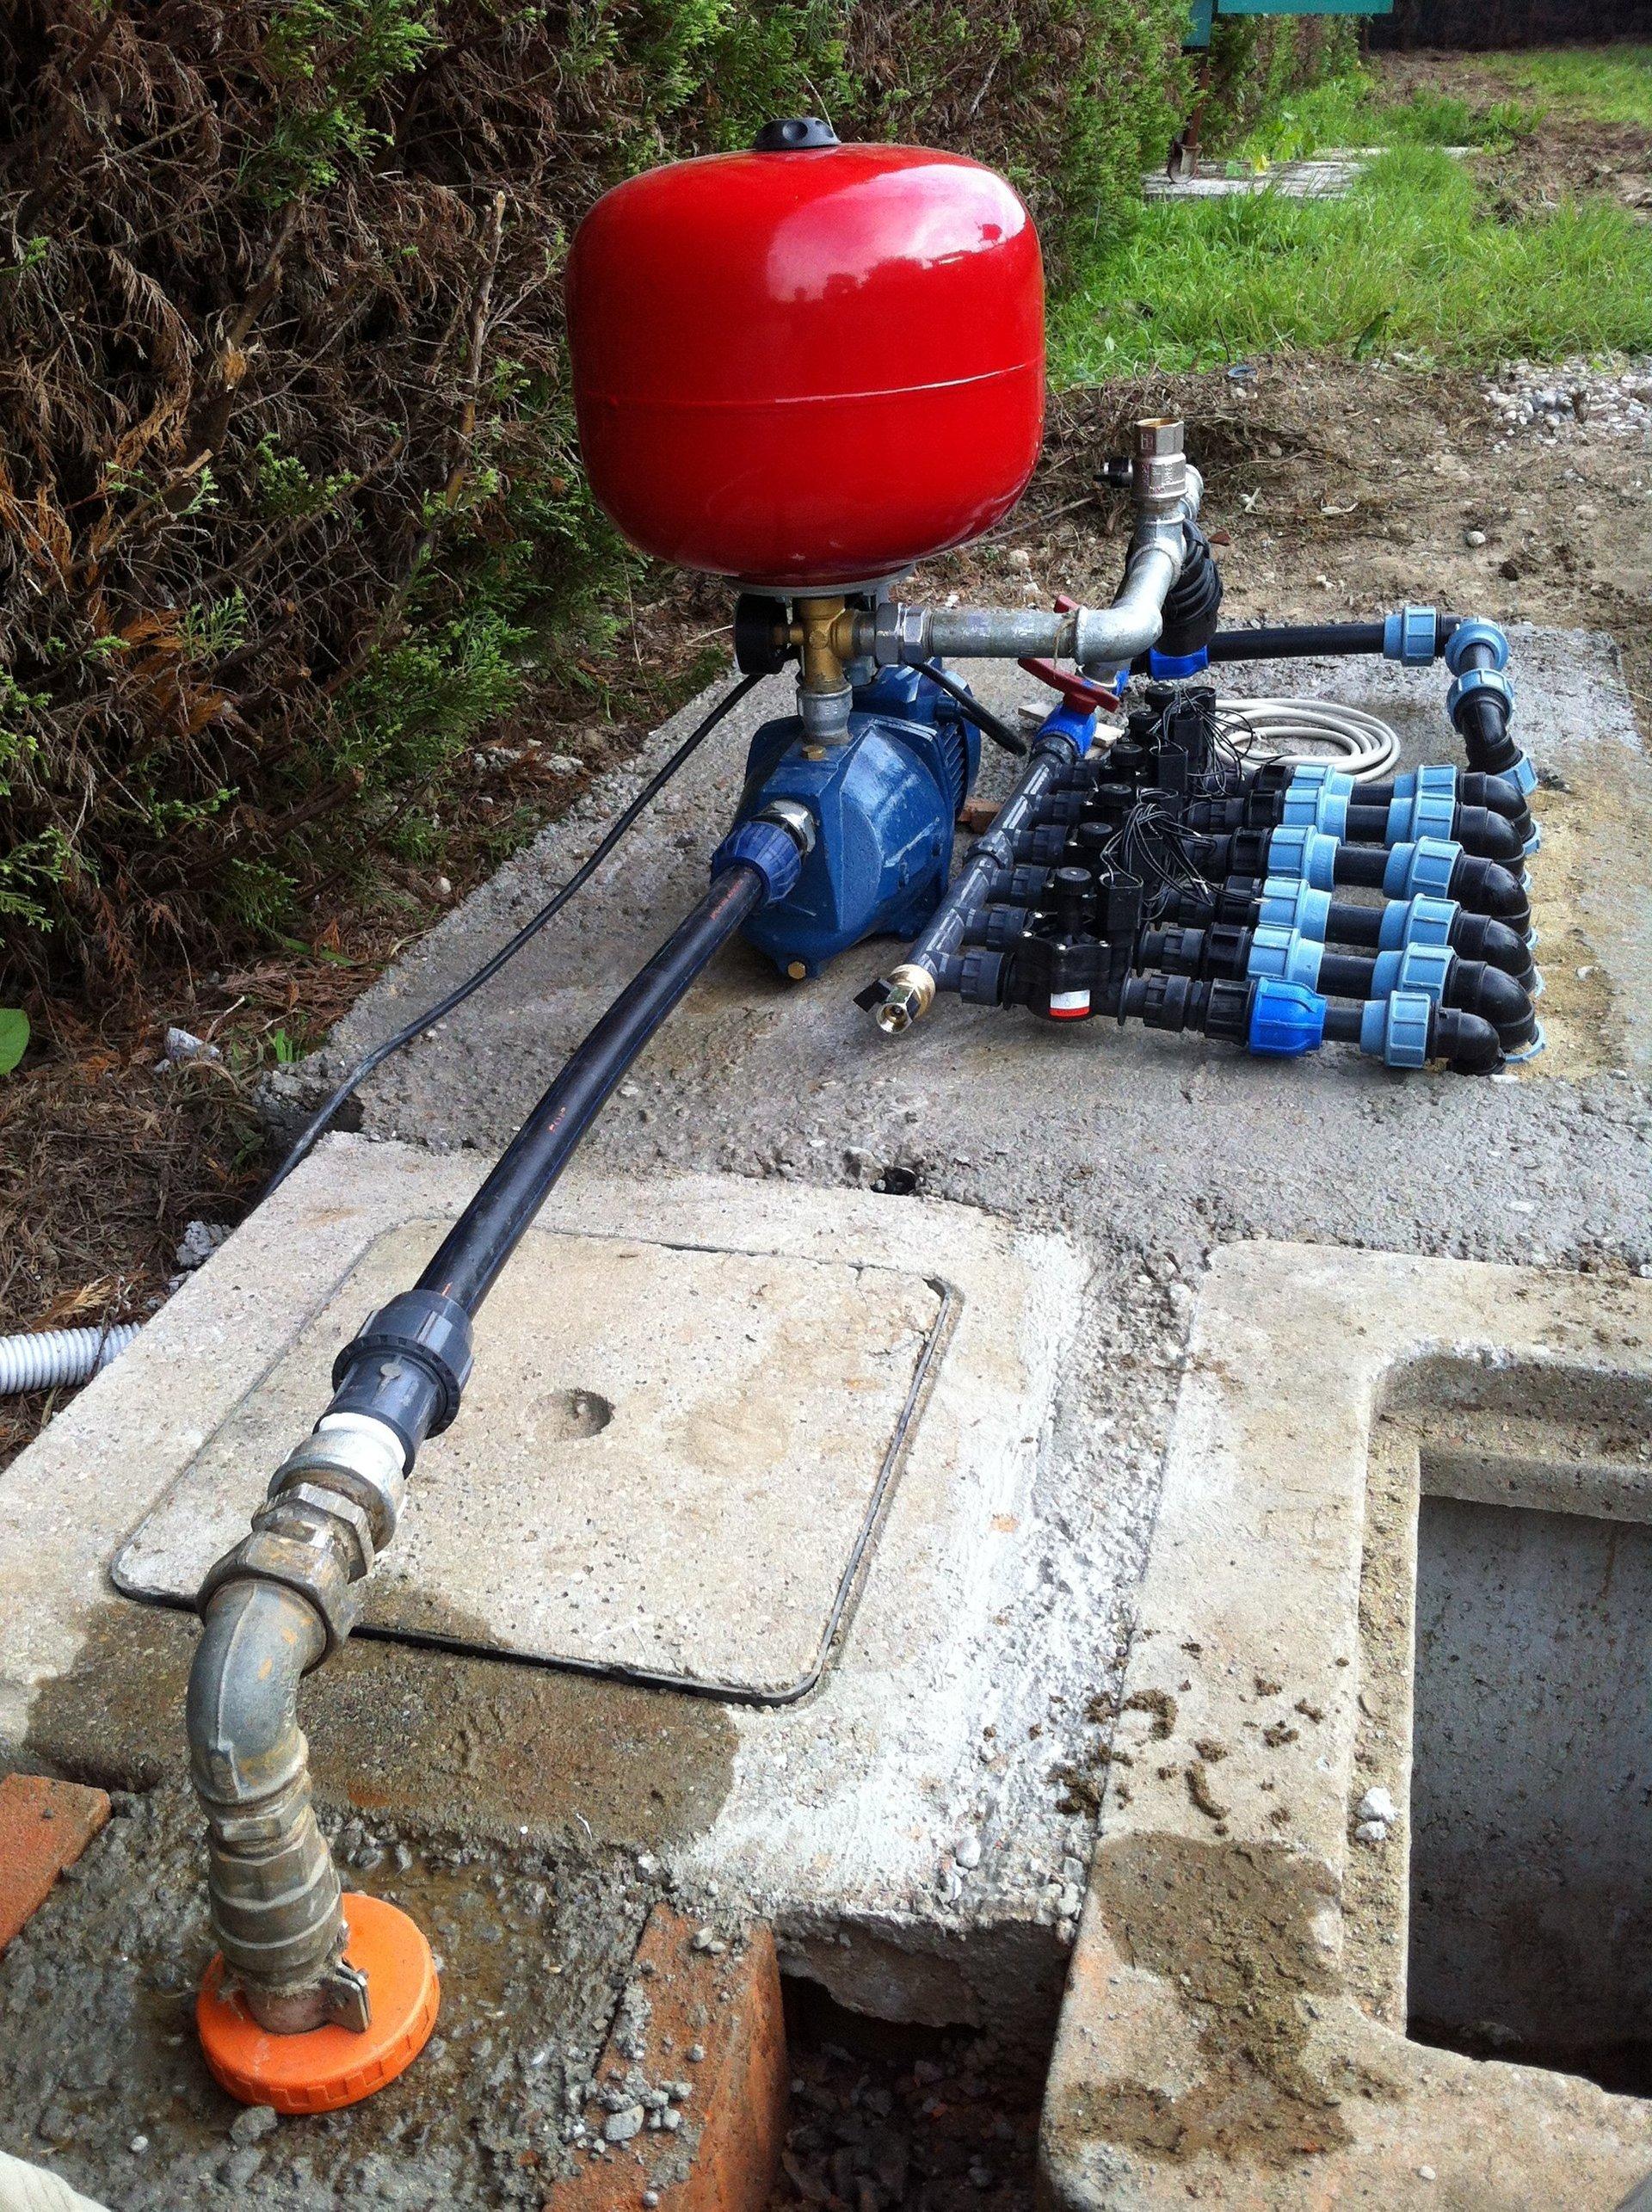 apparecchio irrigazione